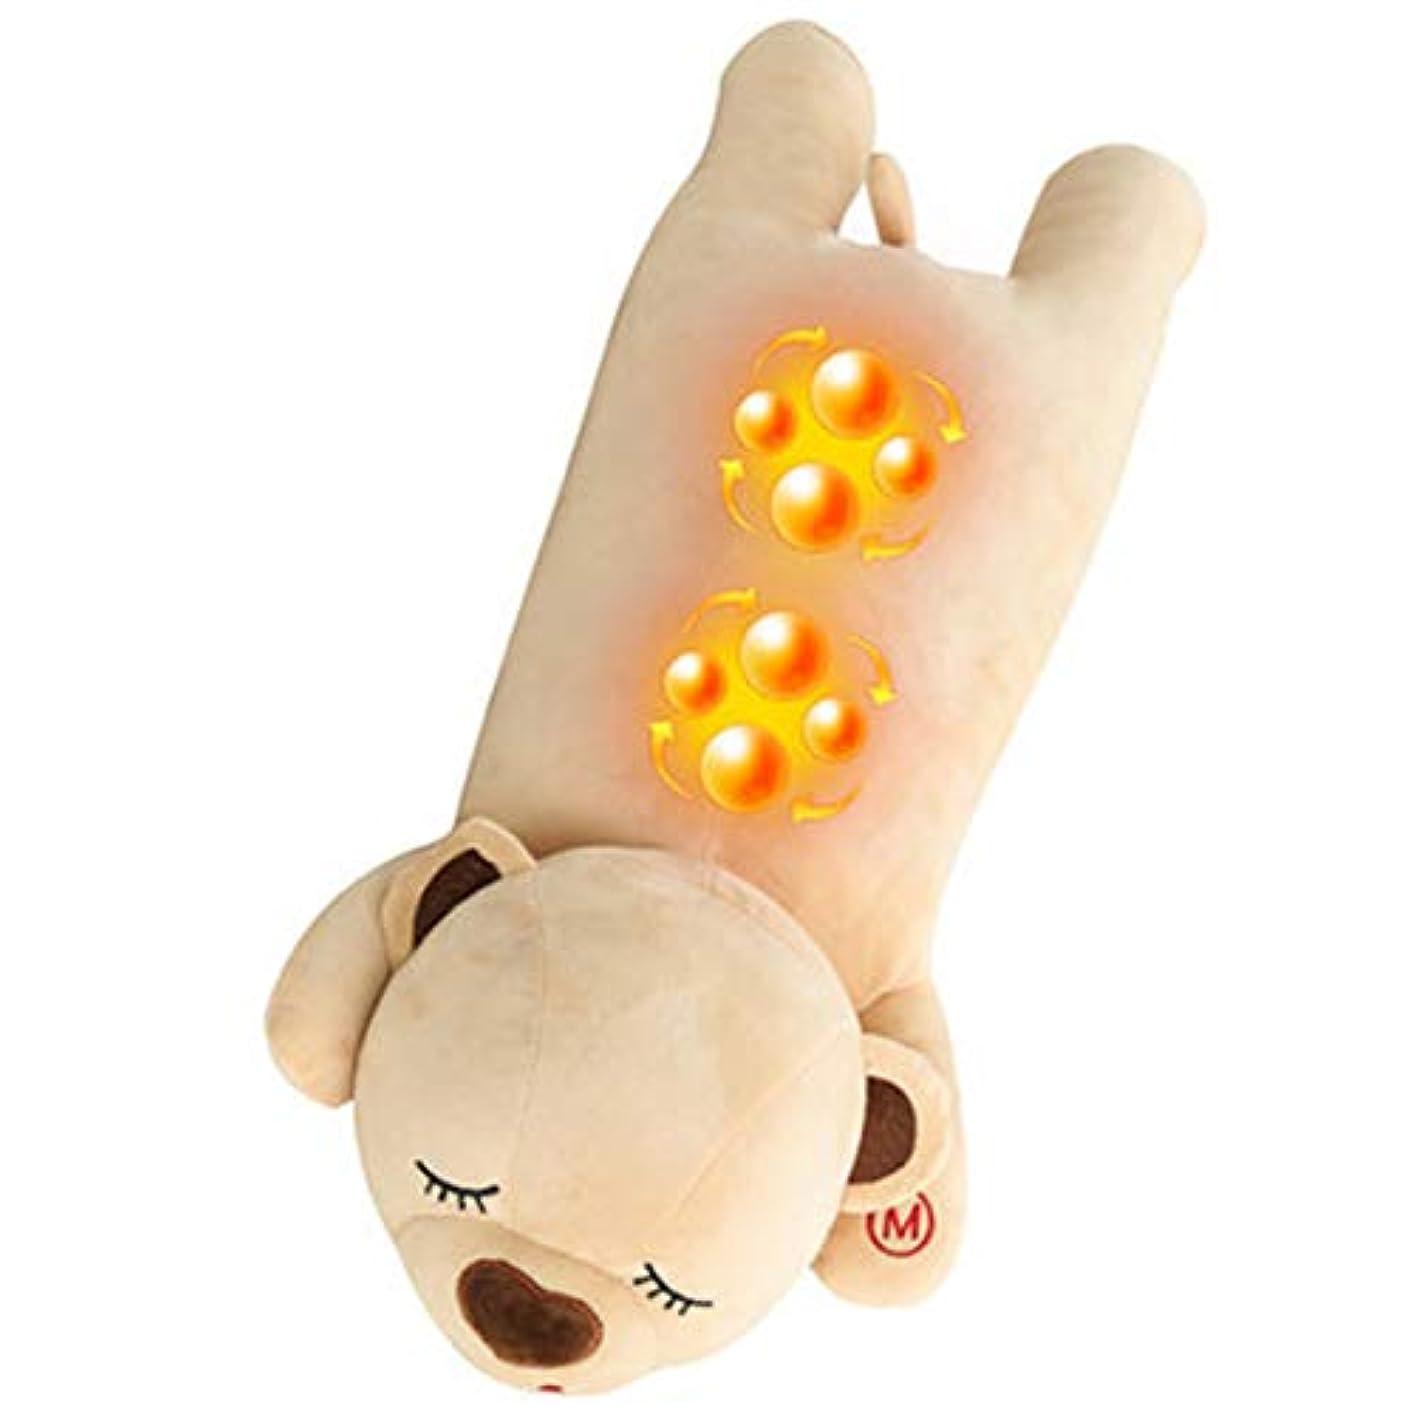 謝るみすぼらしいスイッチ熱のある指圧ネックマッサージ枕-背中、首、肩、脚、足のディープティッシュTみマッサージ-男性/女性/ママ/パパへの完璧なギフト、マッサージギフト